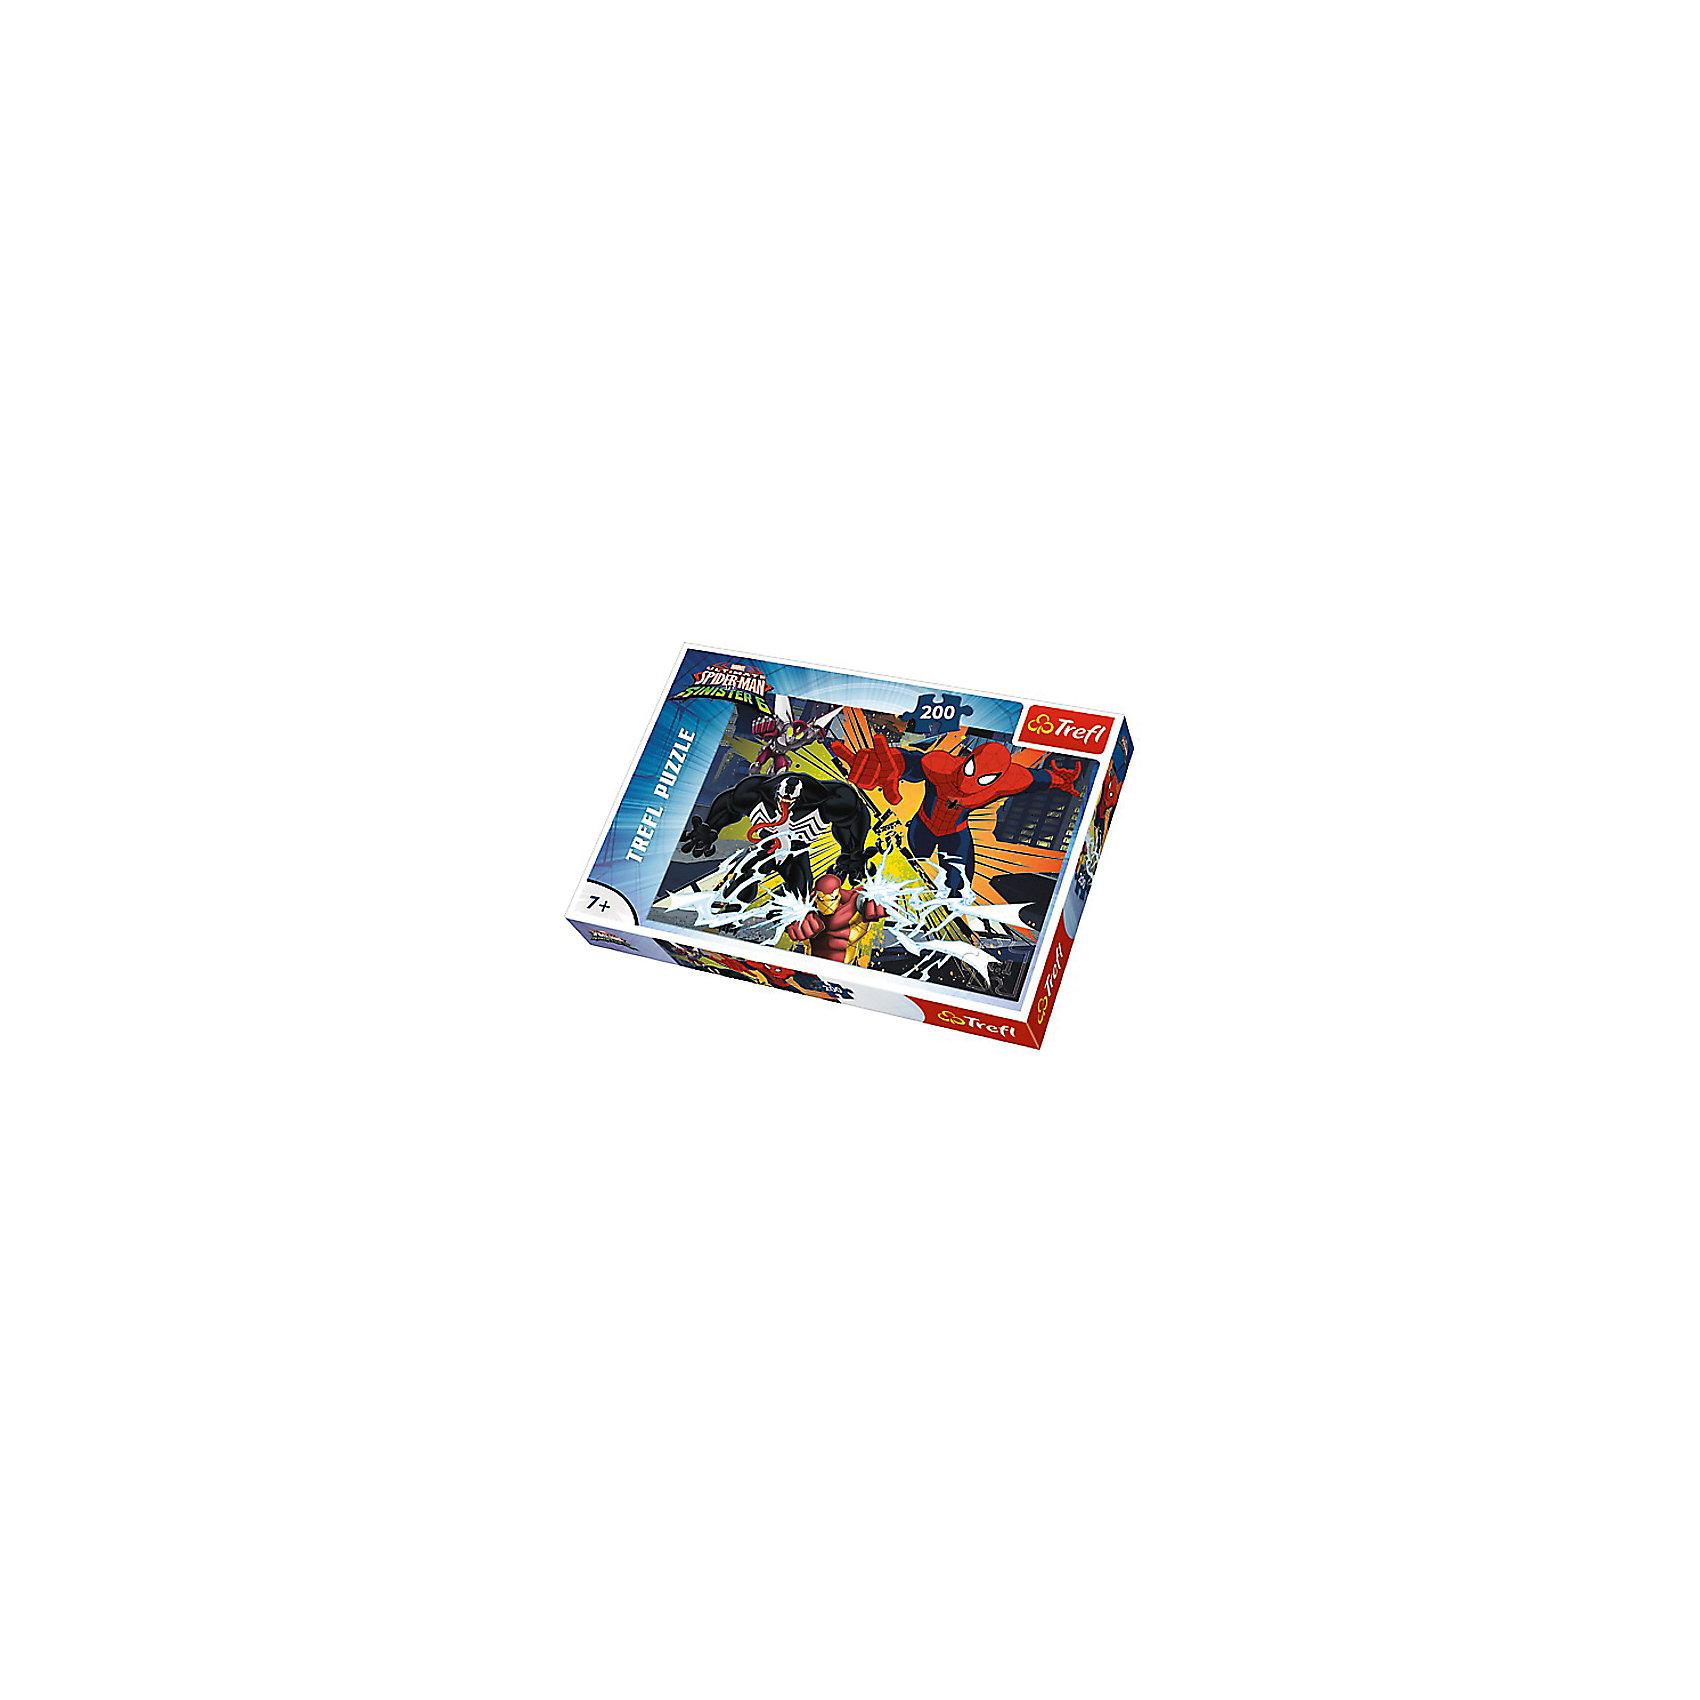 Пазлы Человек-паук Столкновение врагов, 200 деталейЧеловек-Паук<br>Пазлы Trefl «Столкновение врагов» 13205 состоят из 200 элементов, выполненных из плотного картона с антибликовым покрытием. На собранной картинке ребенок увидит своего любимого супер-героя Человека Паука, который как всегда сражается со злодеями.<br>Пазлы Trefl «Столкновение врагов» одновременно развивают фантазию и мелкую моторику рук. Соединяя элементы пазлов, мальчик сможет придумать множество захватывающих сюжетов, где очутиться в мире супер-героев спасающих вселенную от захватчиков.<br>Размер картинки в сложенном виде - 48x34 сантиметров.<br>Данный набор предназначен для детей старше семи лет. <br>Яркая красочная картонная упаковка обязательно привлечет взгляд ребенка.<br><br>Ширина мм: 335<br>Глубина мм: 40<br>Высота мм: 230<br>Вес г: 490<br>Возраст от месяцев: 84<br>Возраст до месяцев: 144<br>Пол: Мужской<br>Возраст: Детский<br>SKU: 7126399